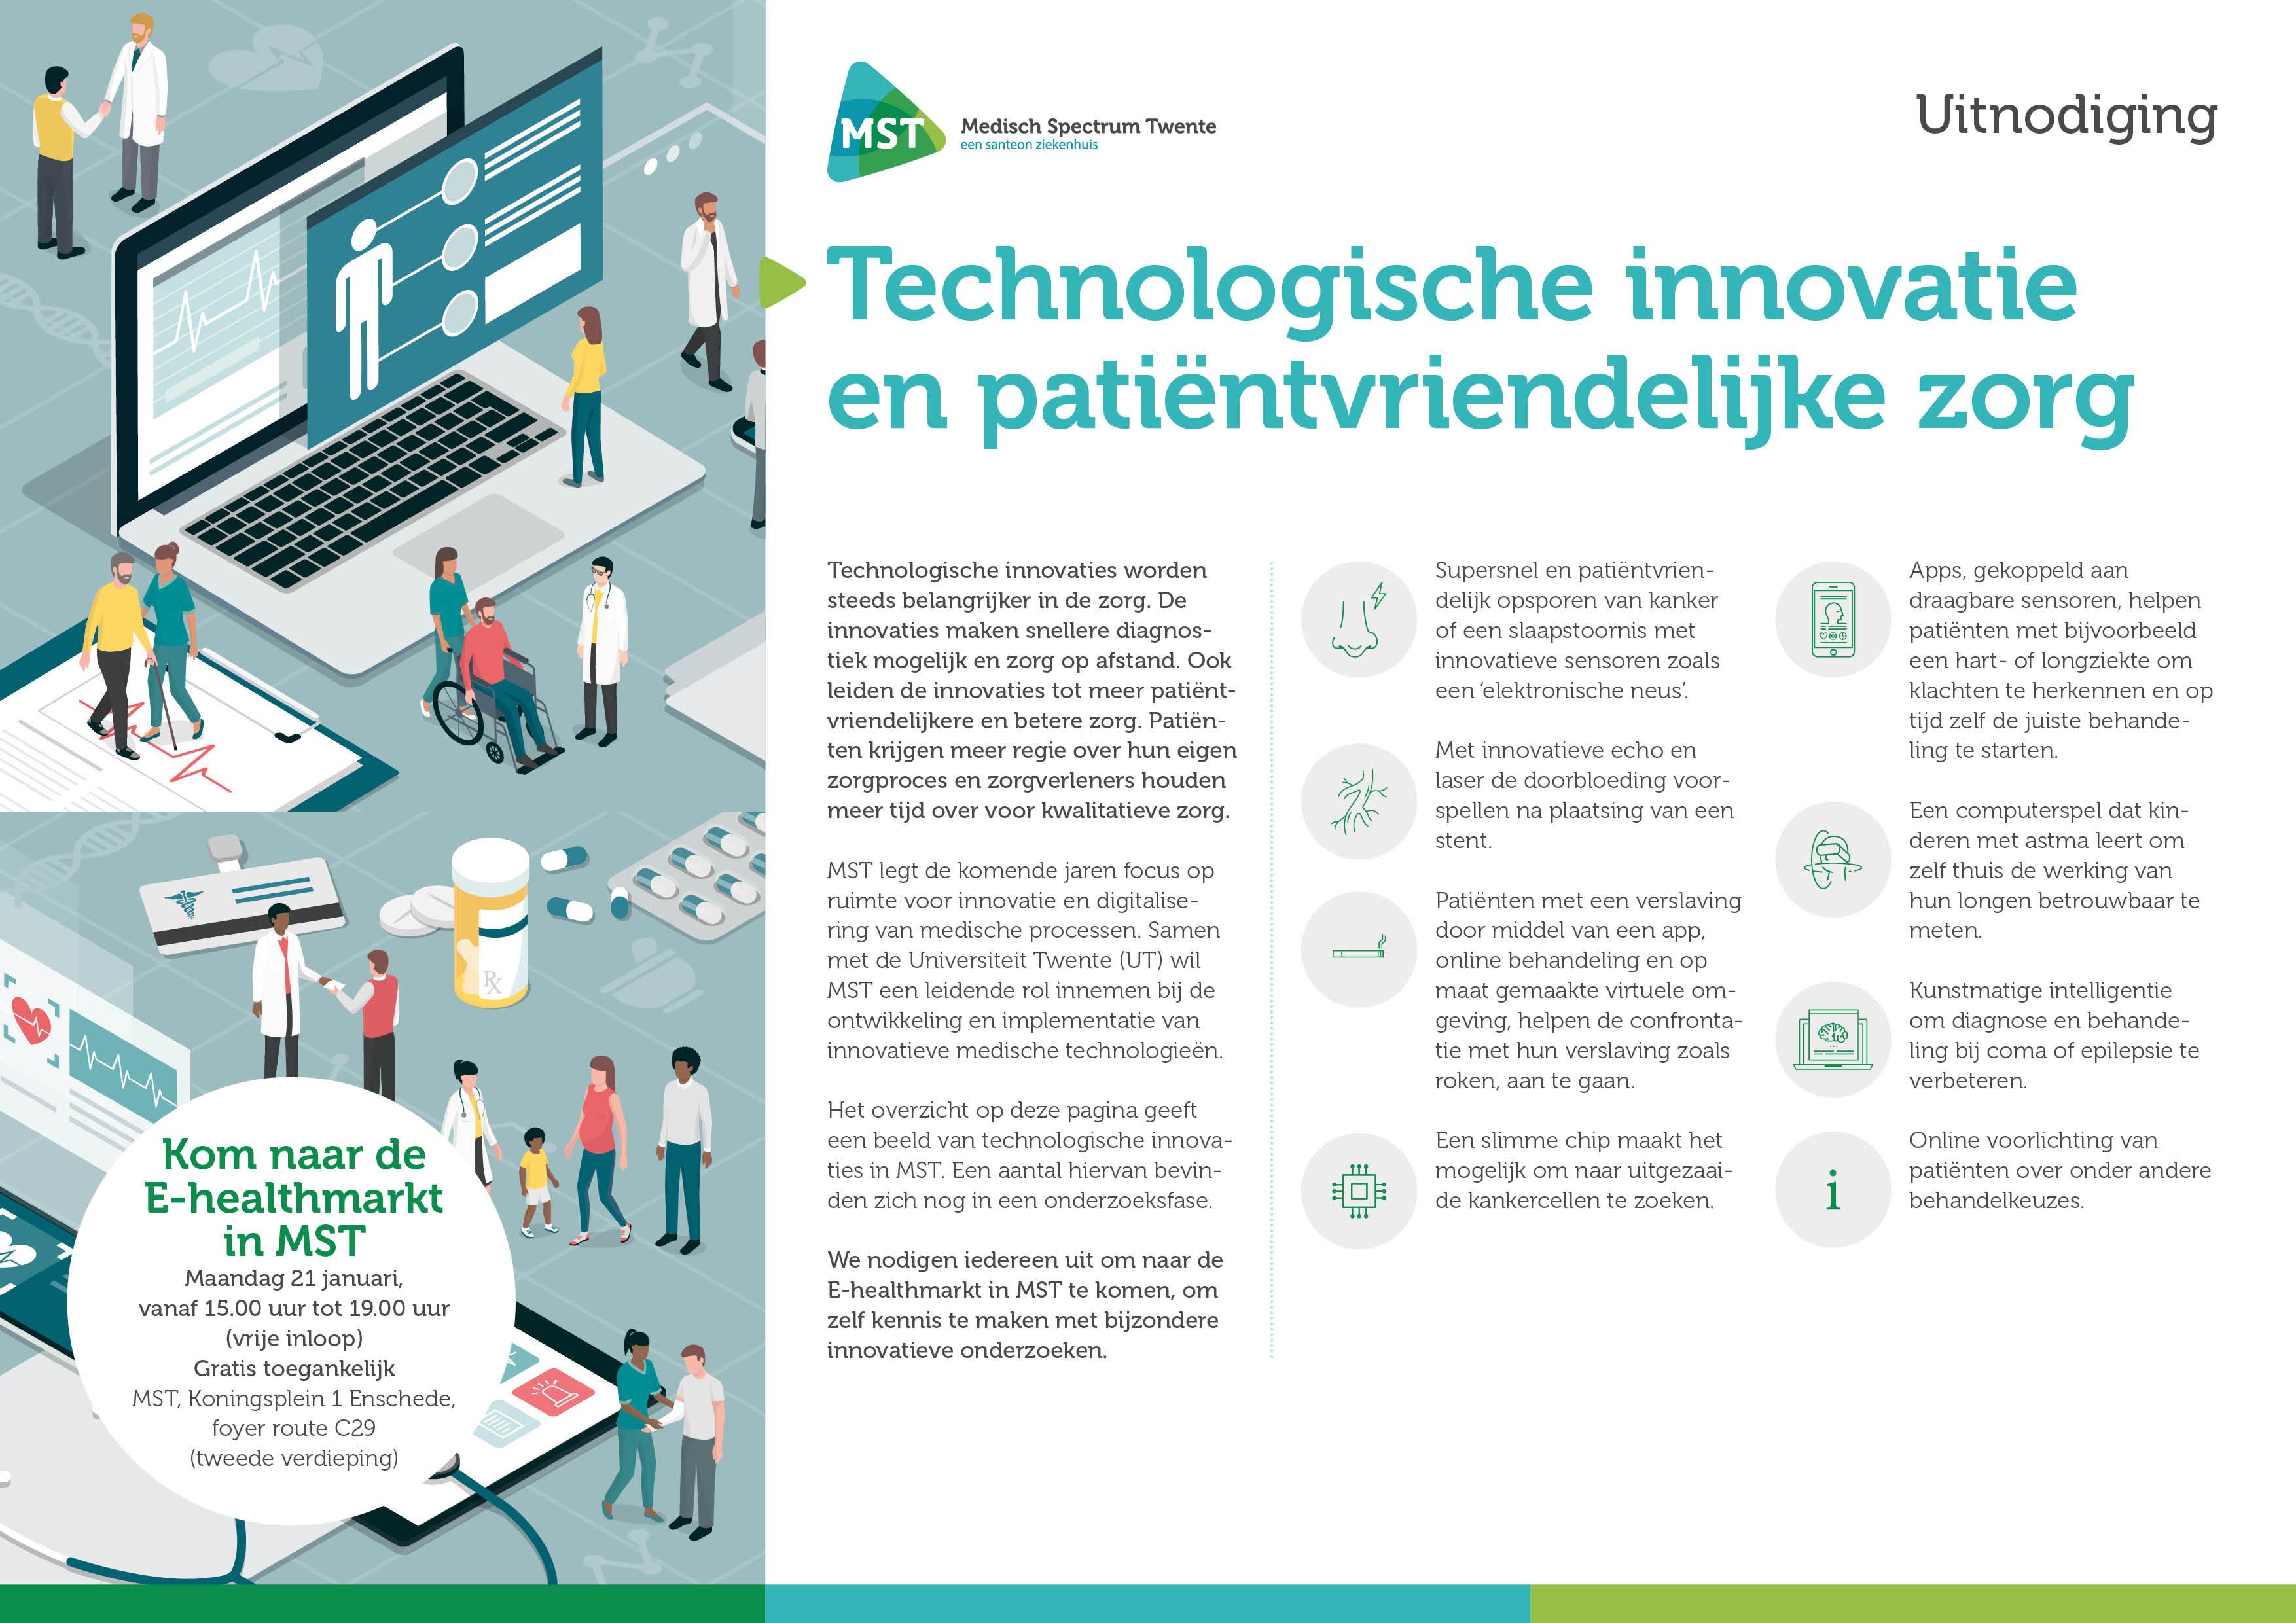 Uitnodiging E-healthmarkt MST